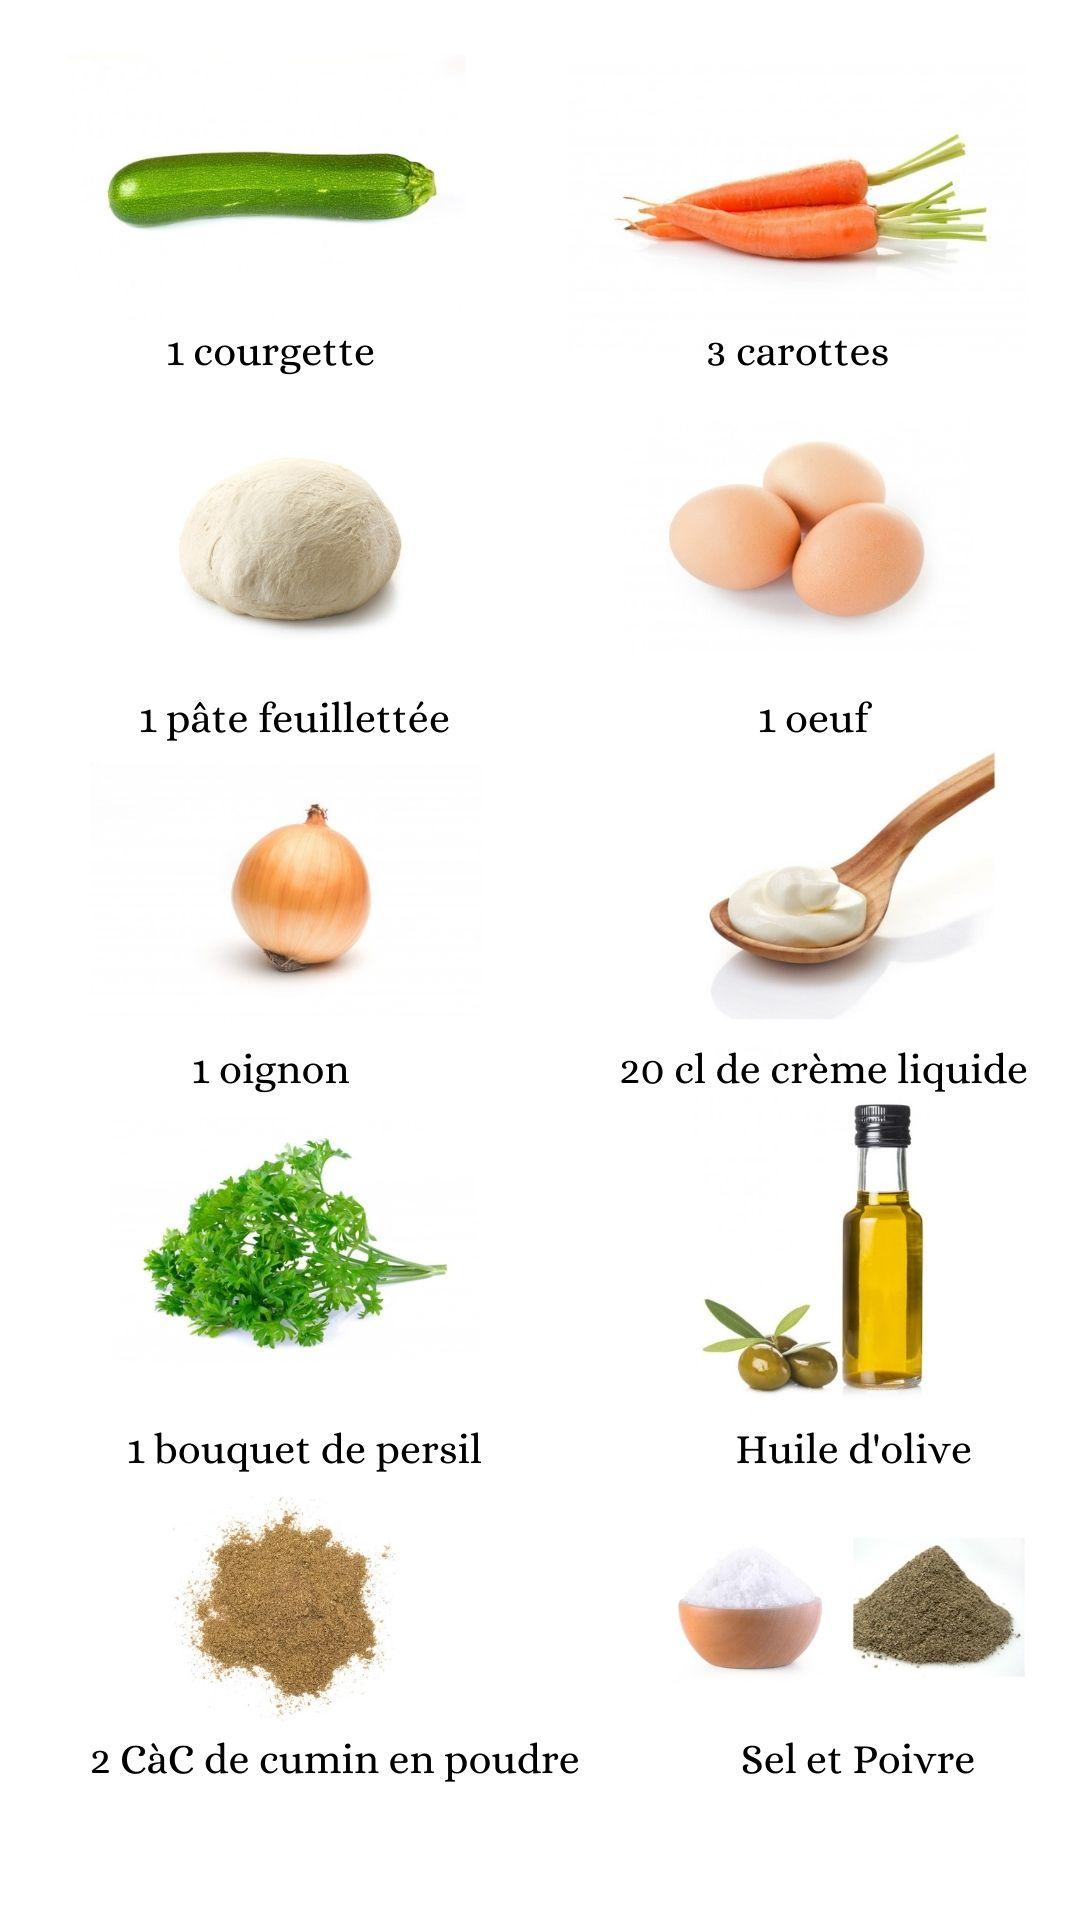 Eléments pour élaborer la recette de tarte aux légumes d'été